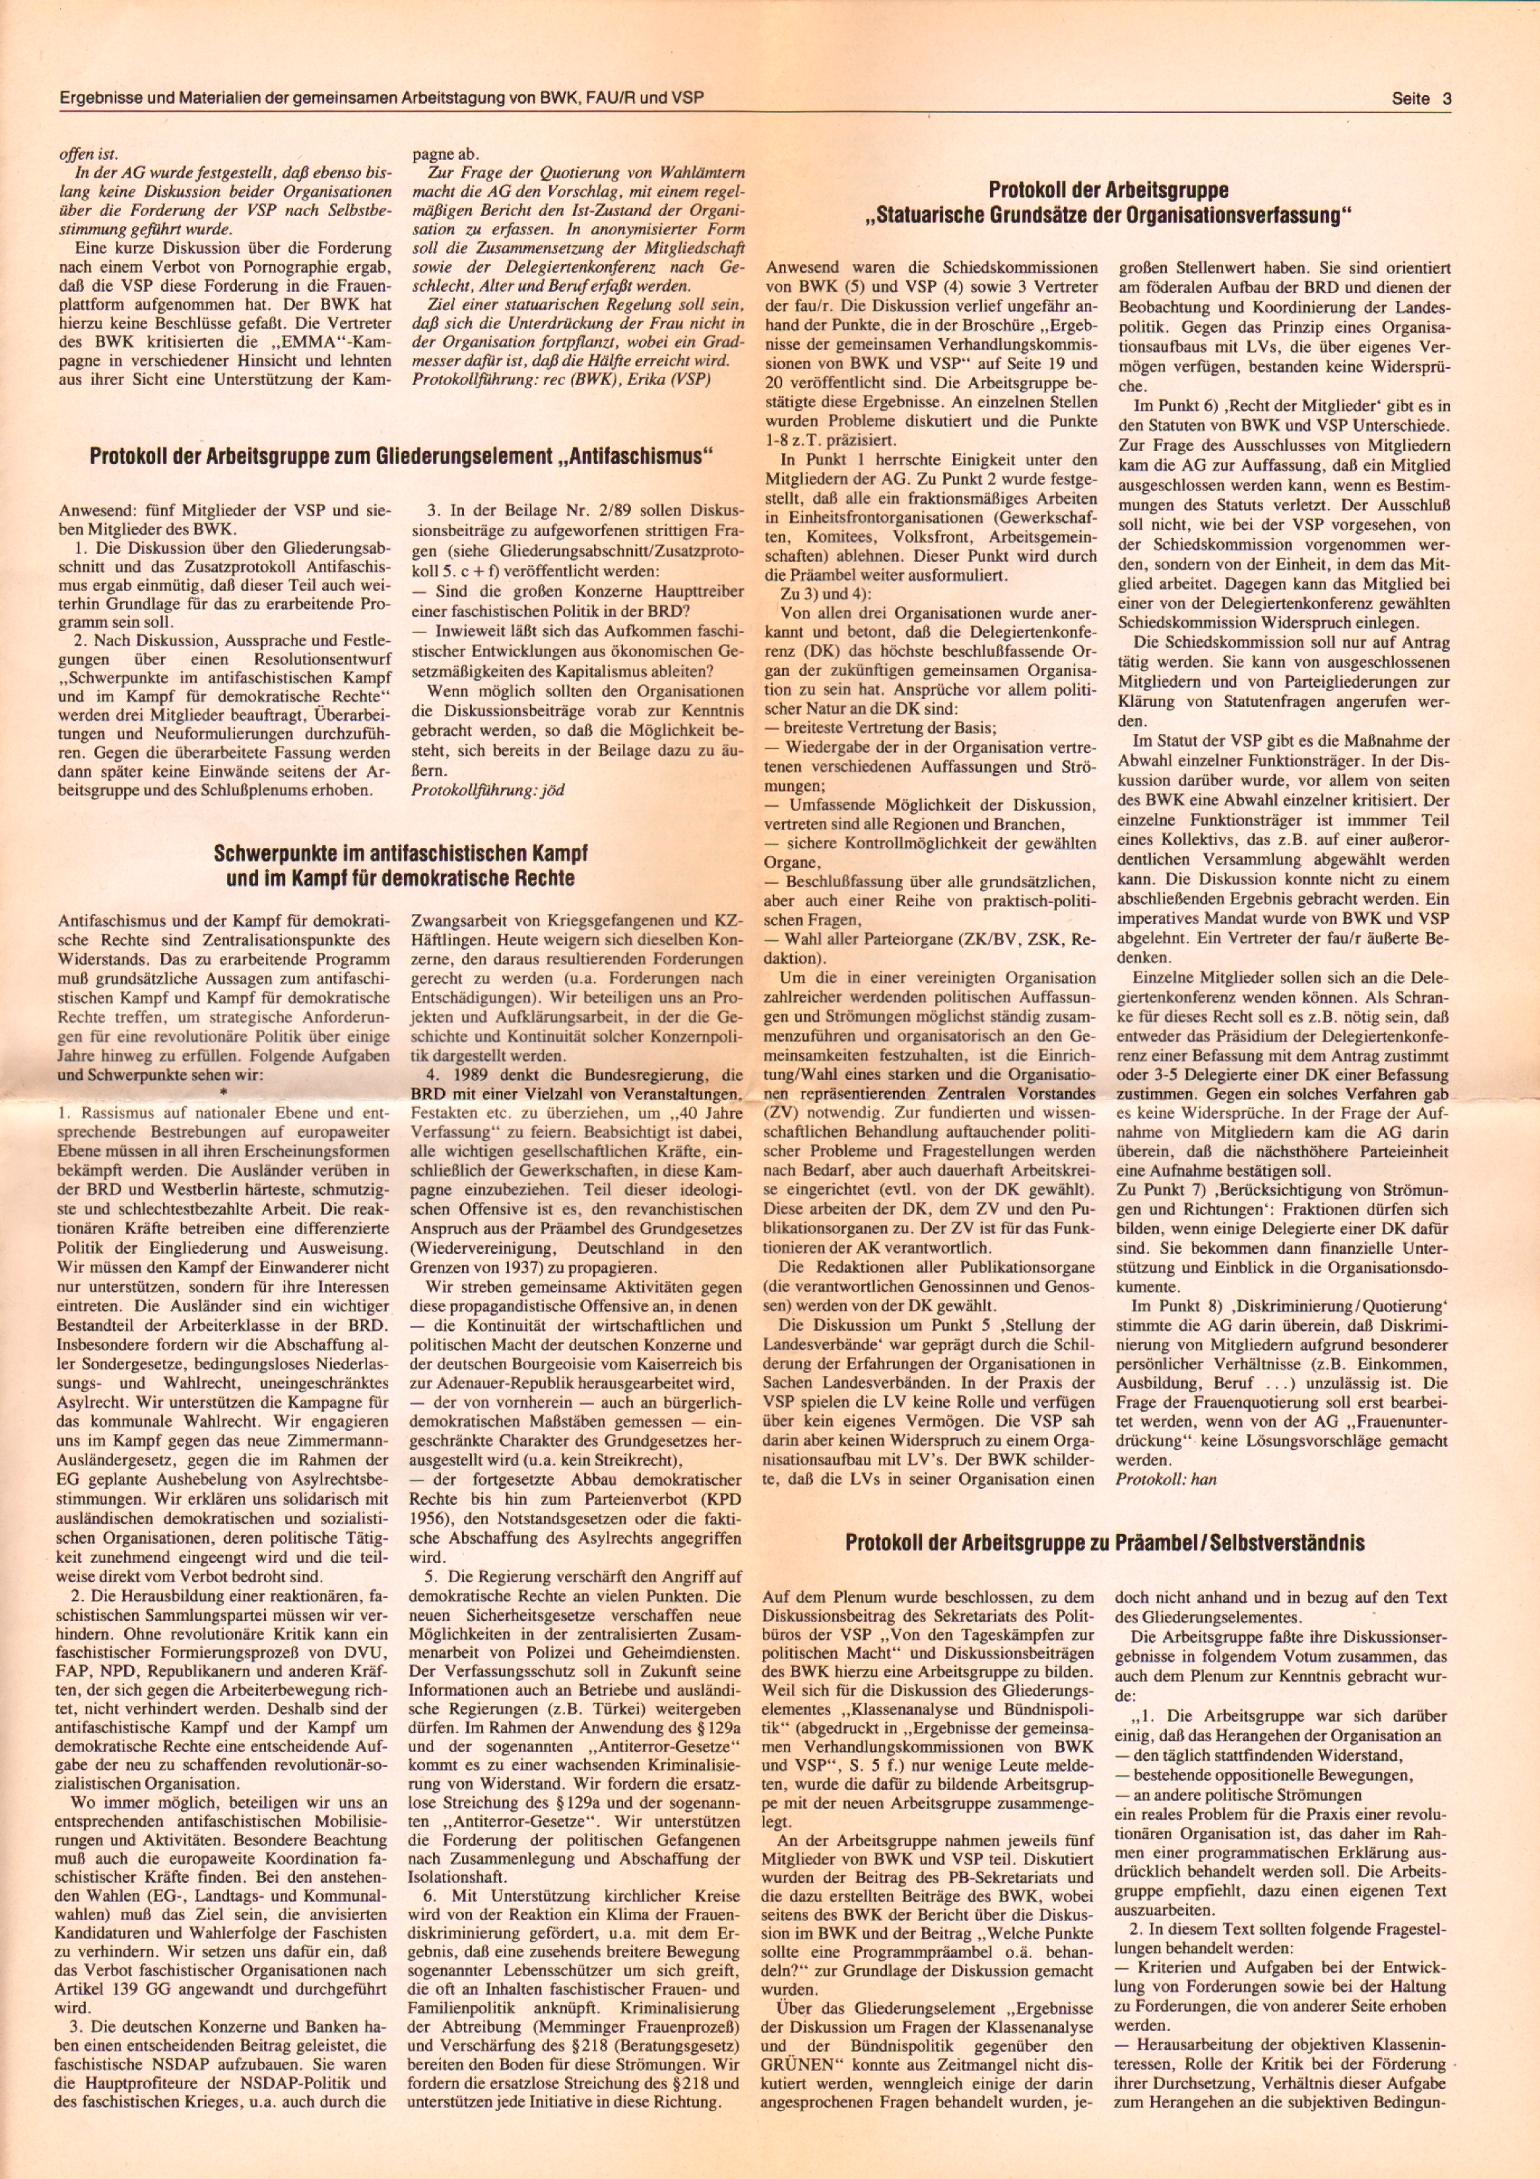 Gemeinsame_Arbeitstagung_1988_03